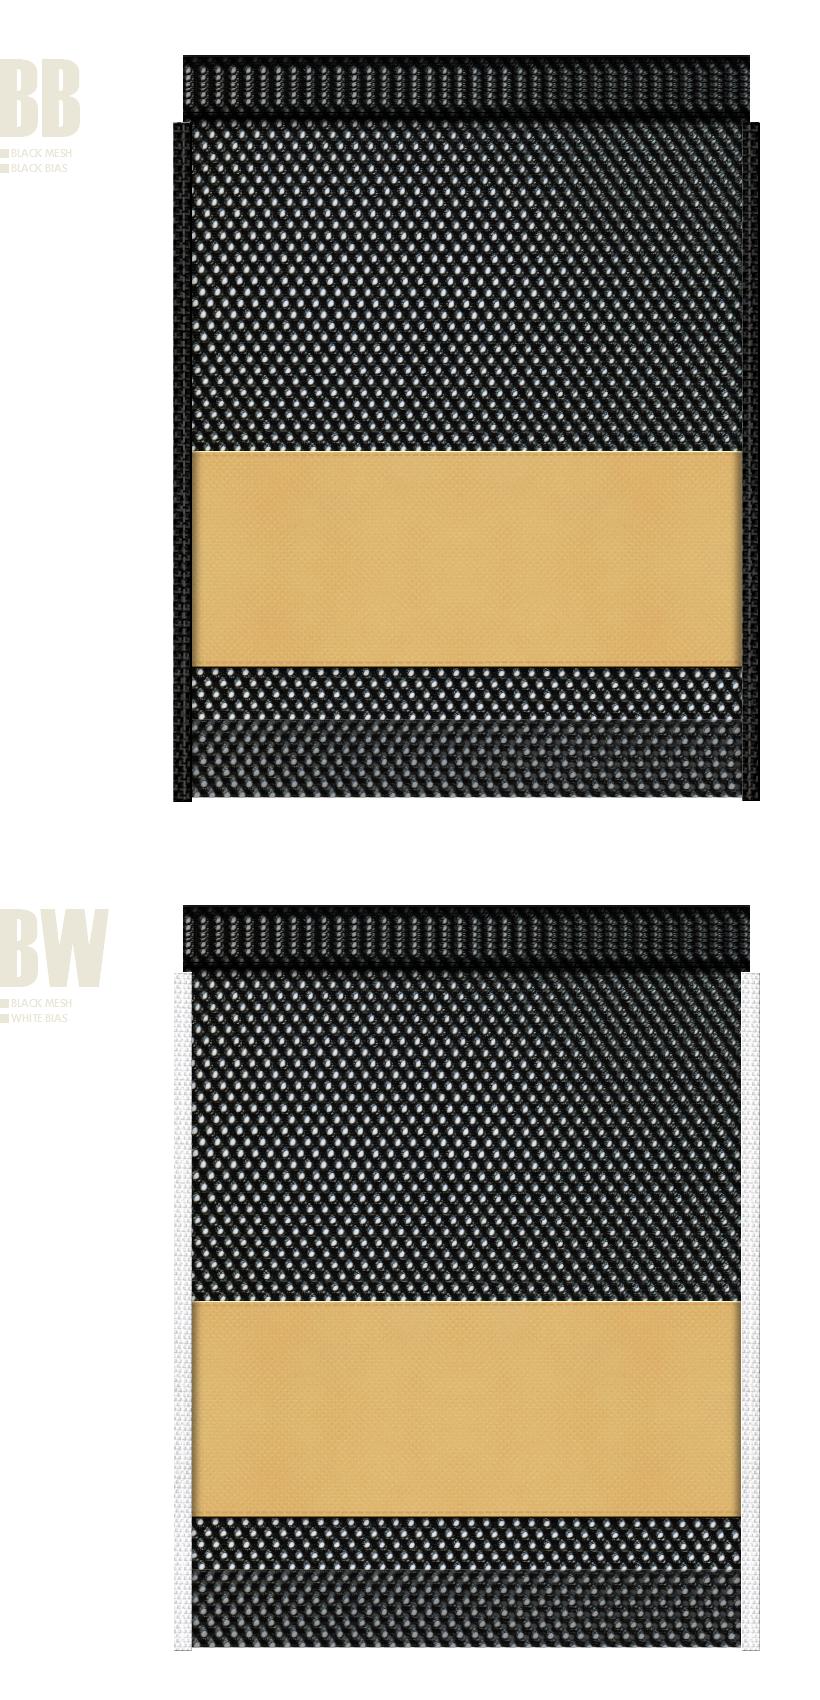 黒色メッシュと薄黄土色不織布のメッシュバッグカラーシミュレーション:キャンプ用品・アウトドア用品・スポーツ用品・シューズバッグにお奨め